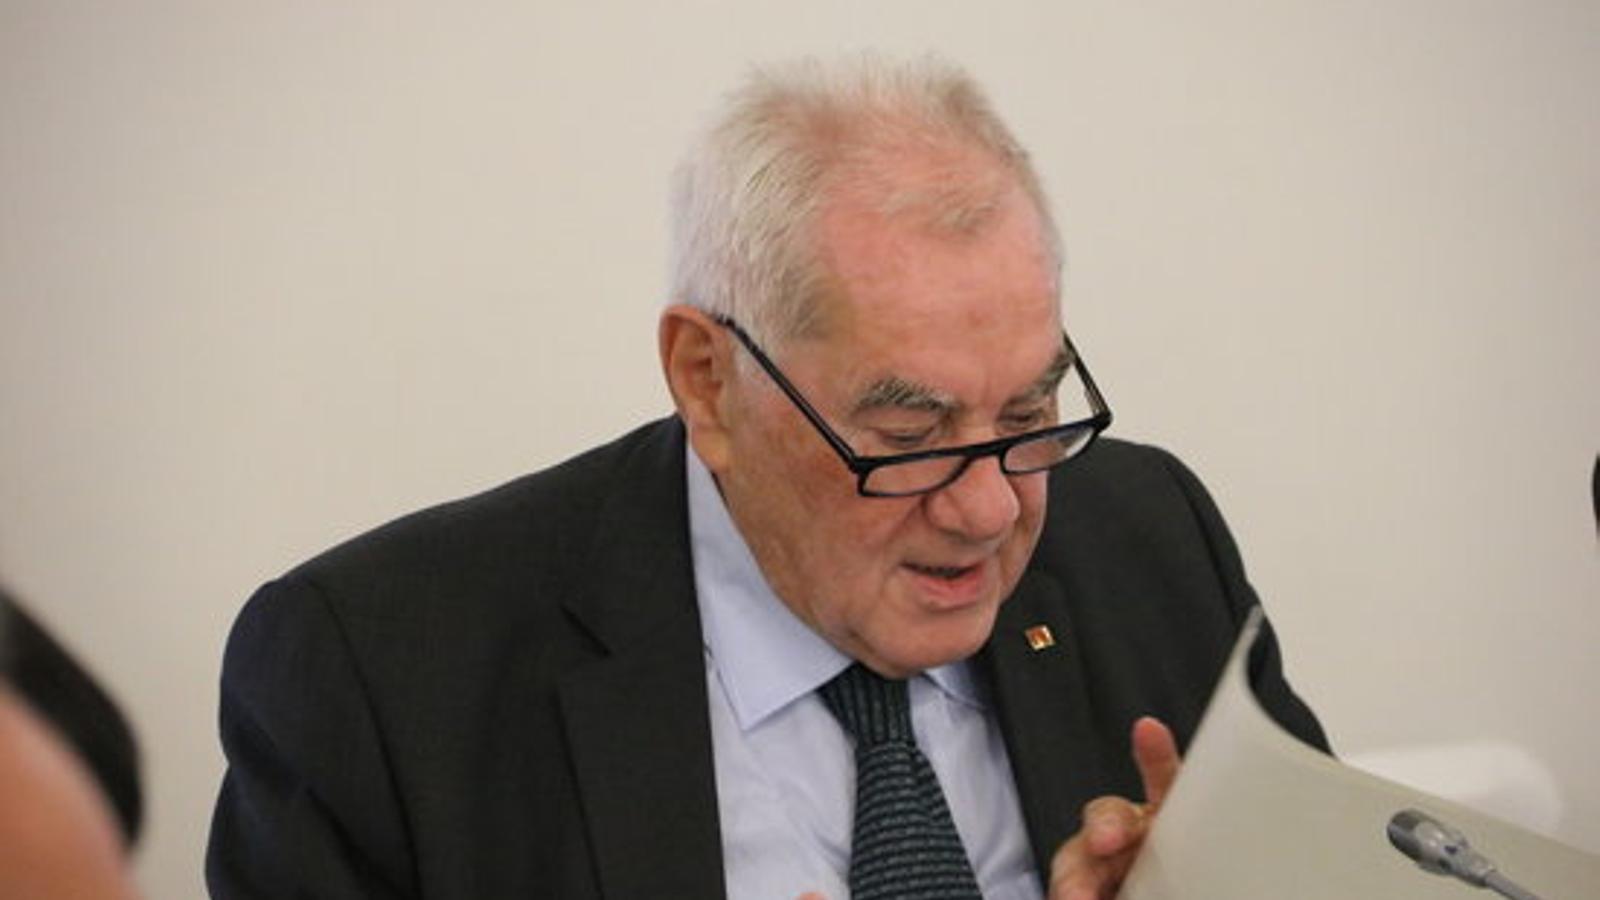 El conseller d'Acció Exterior, Relacions Institucionals i Transparència, Ernest Maragall, en una imatge d'arxiu